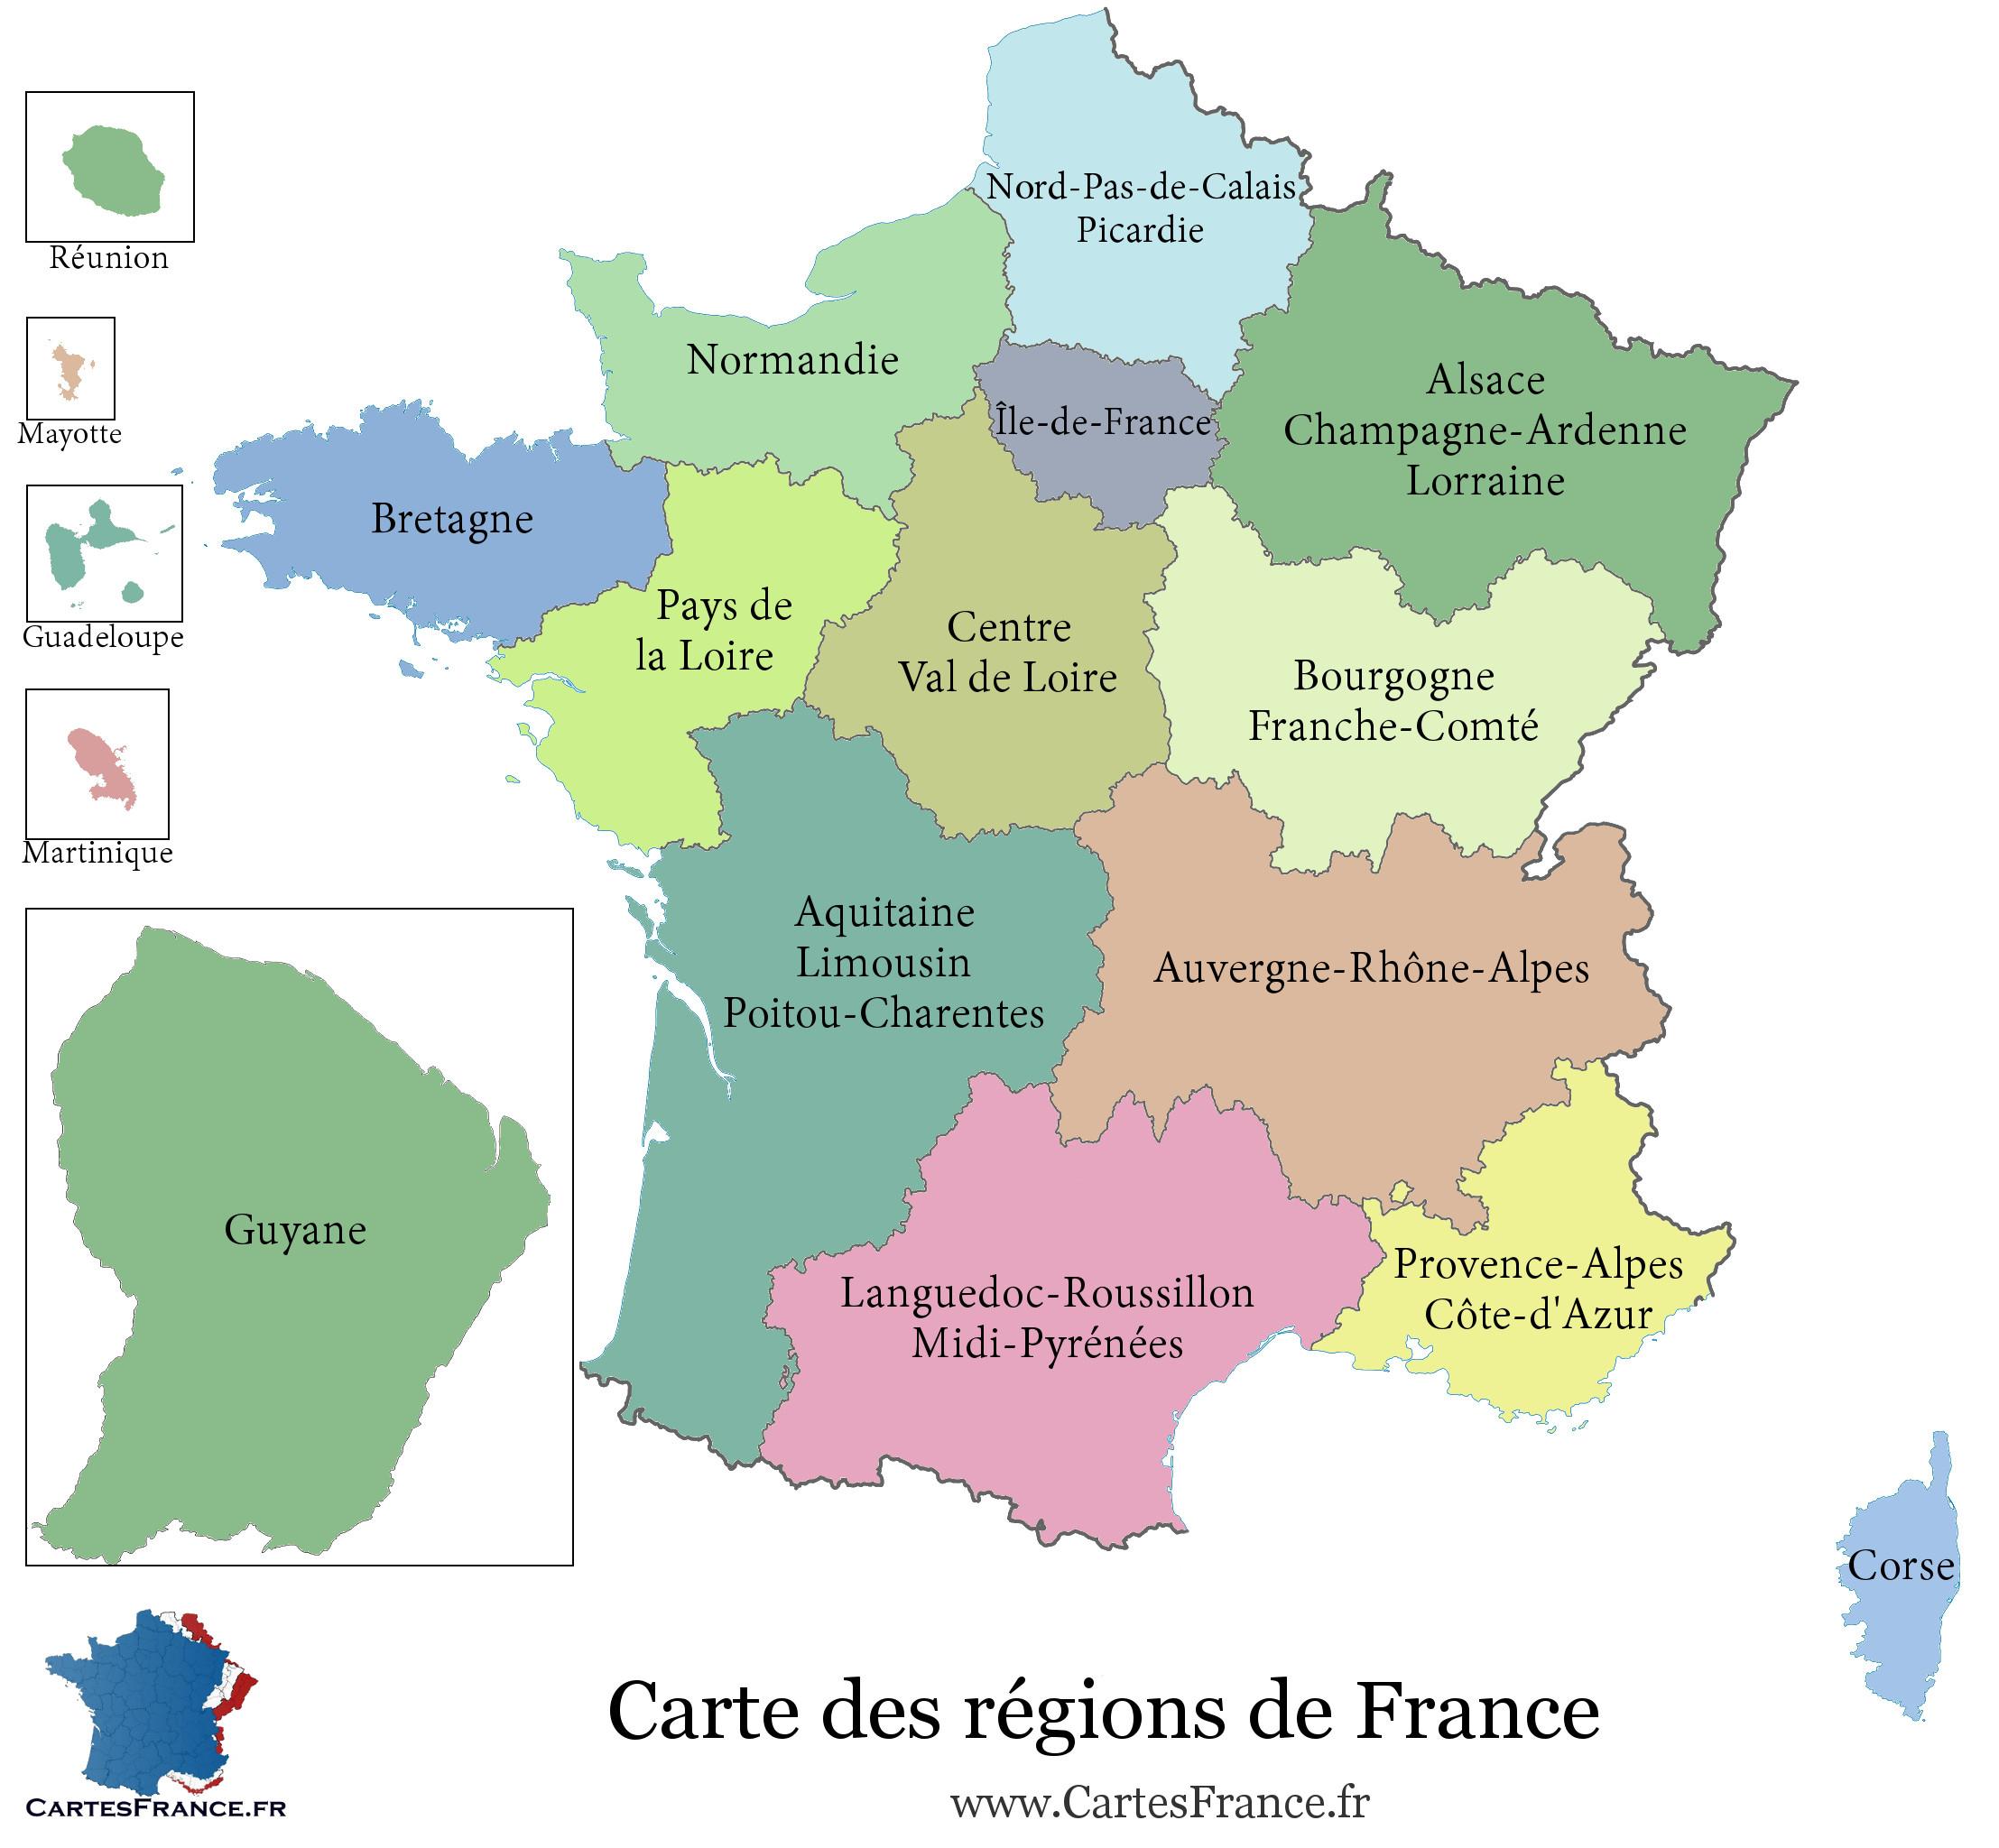 Carte De France Region - Carte Des Régions Françaises concernant Les Nouvelles Regions